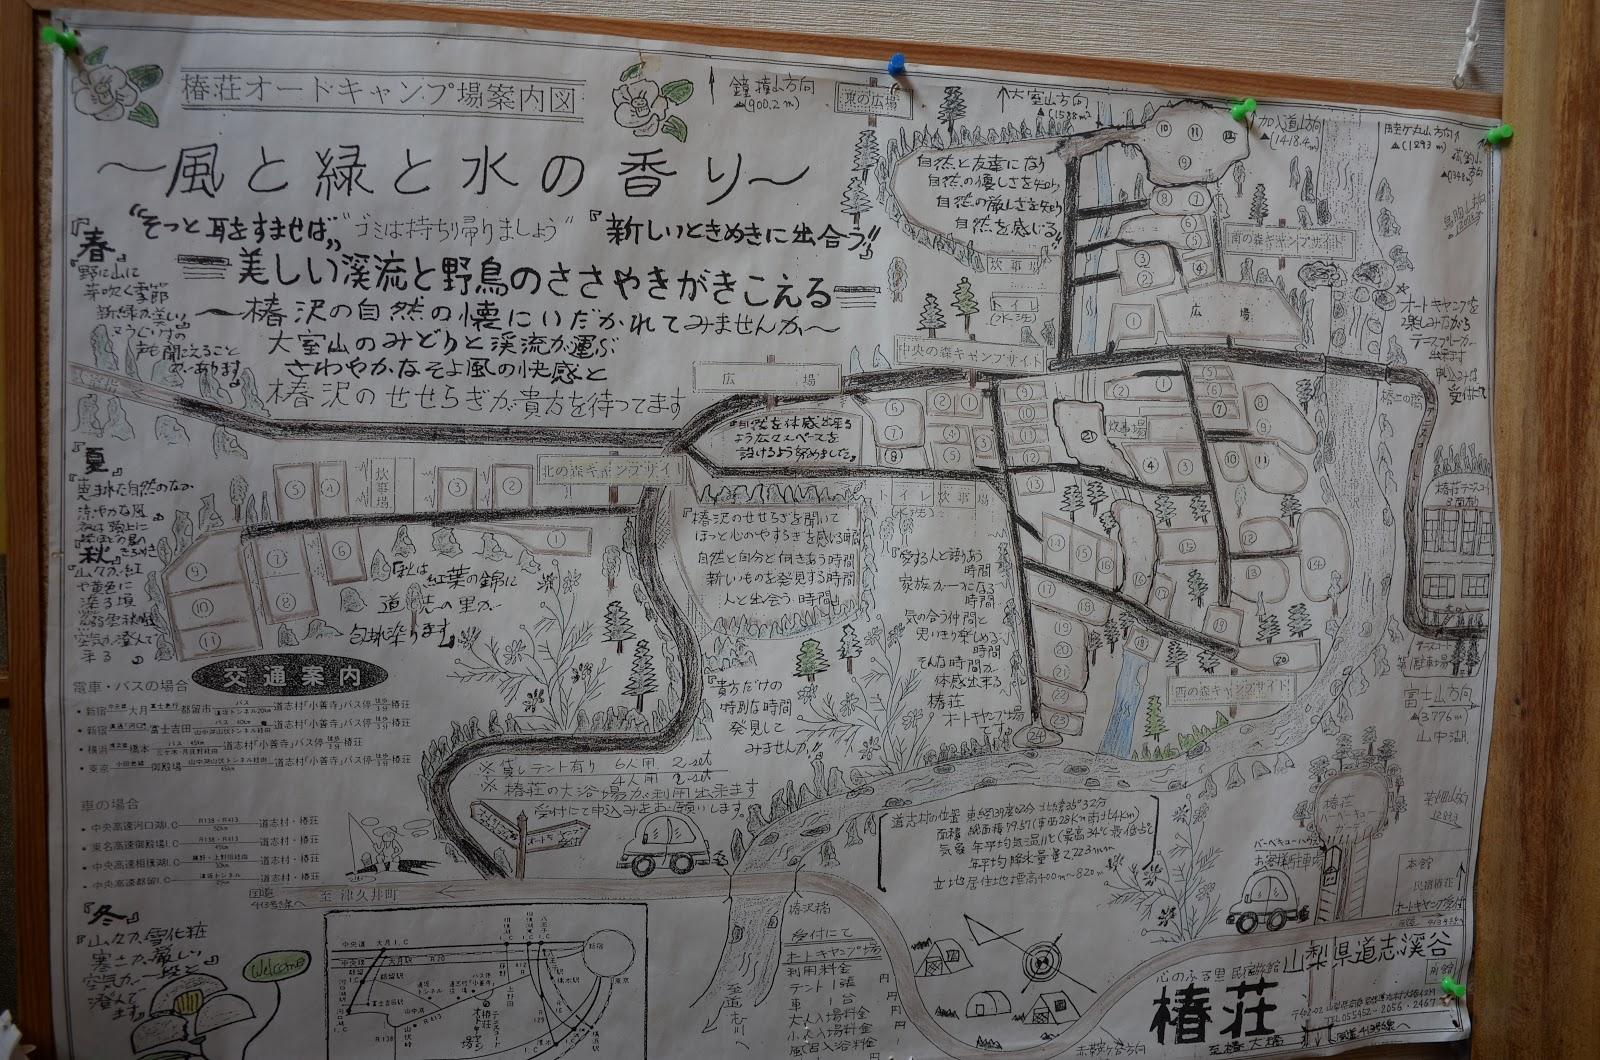 道 志村 椿 荘 オート キャンプ 場